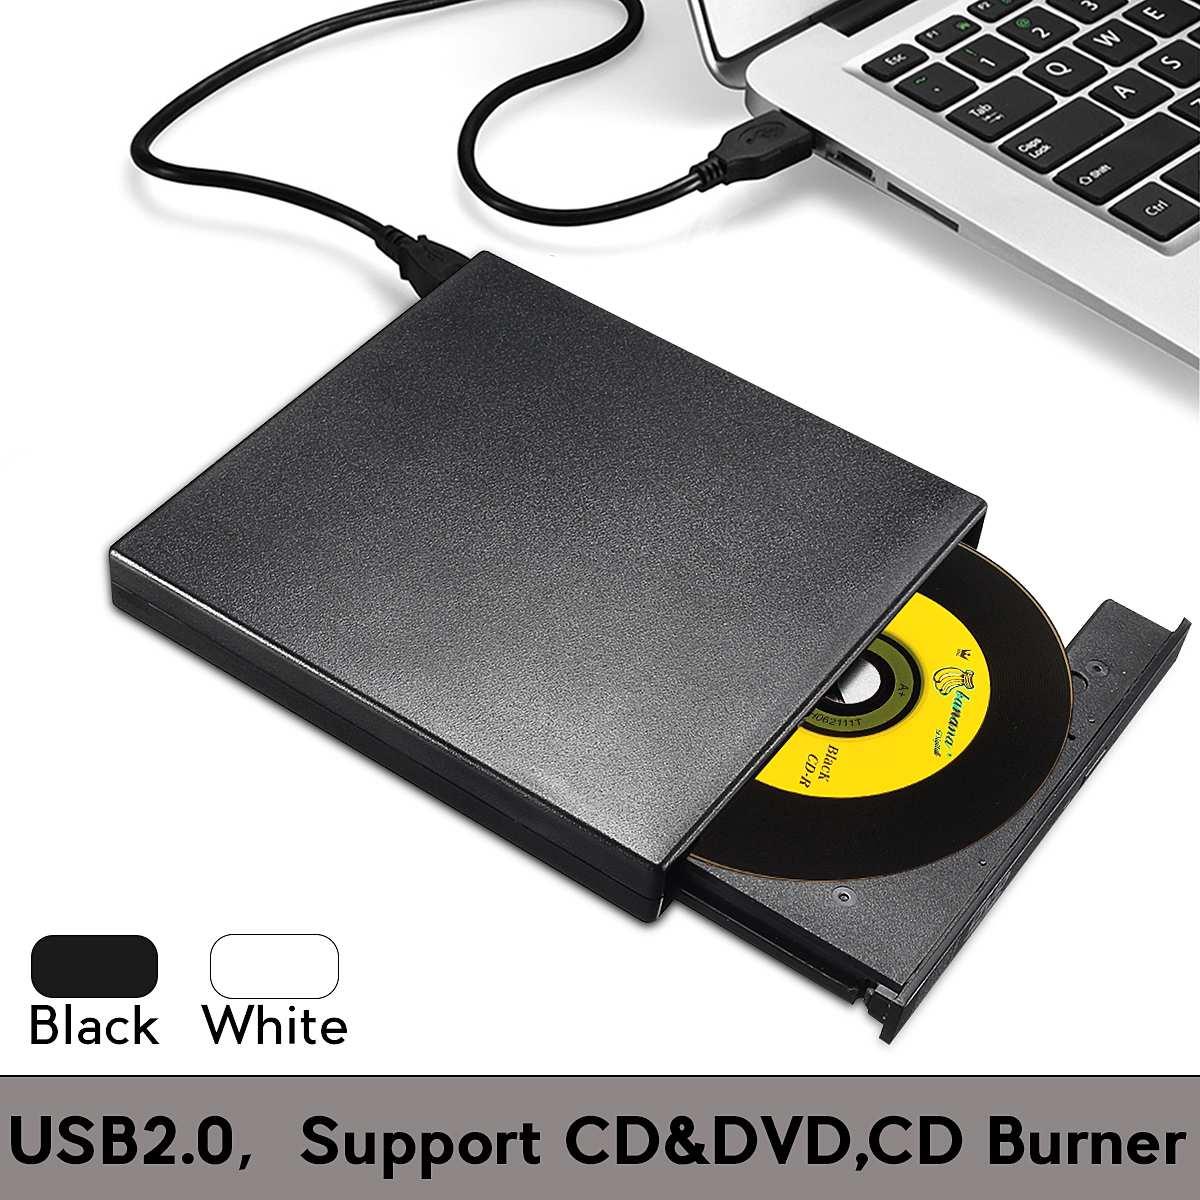 Óptica para Computador Componentes do Computador Externo Combinado – cd Burner rw Drive Dvd-rom Cd-rw Player Unidade Portátil Usb 2.0 Dvd